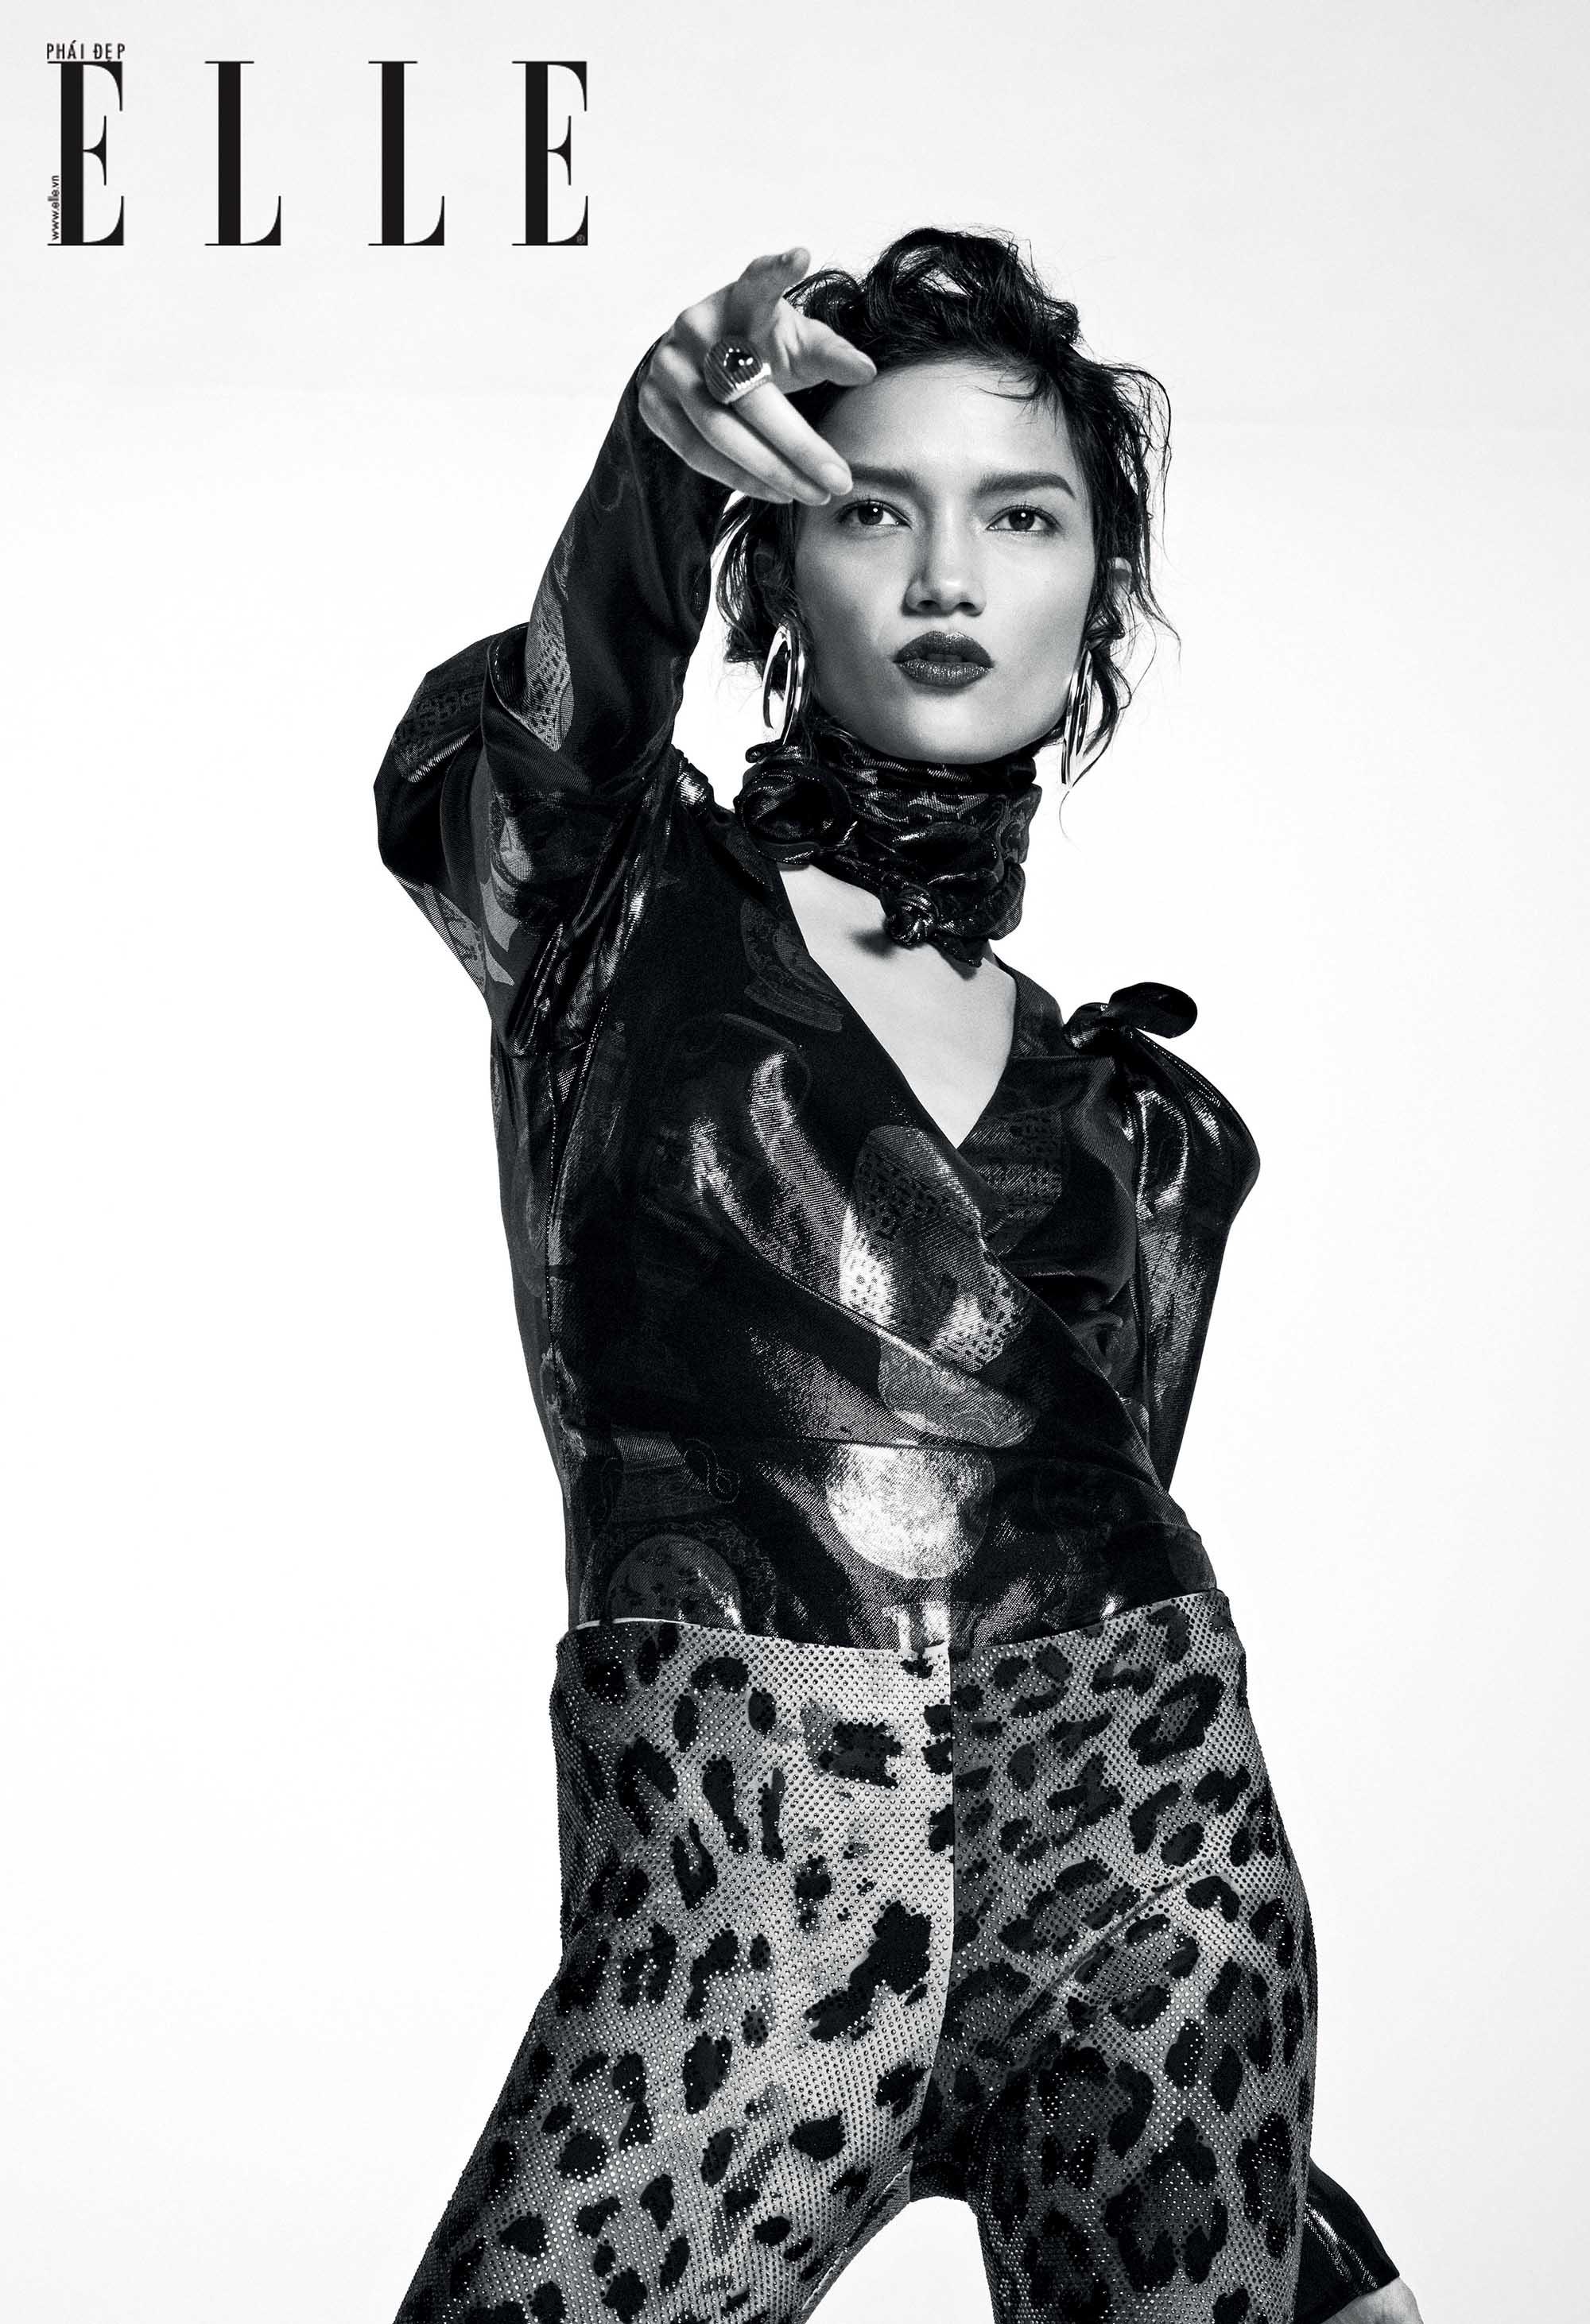 bộ ảnh người mẫu với trang phục và khăn lụa họa tiết